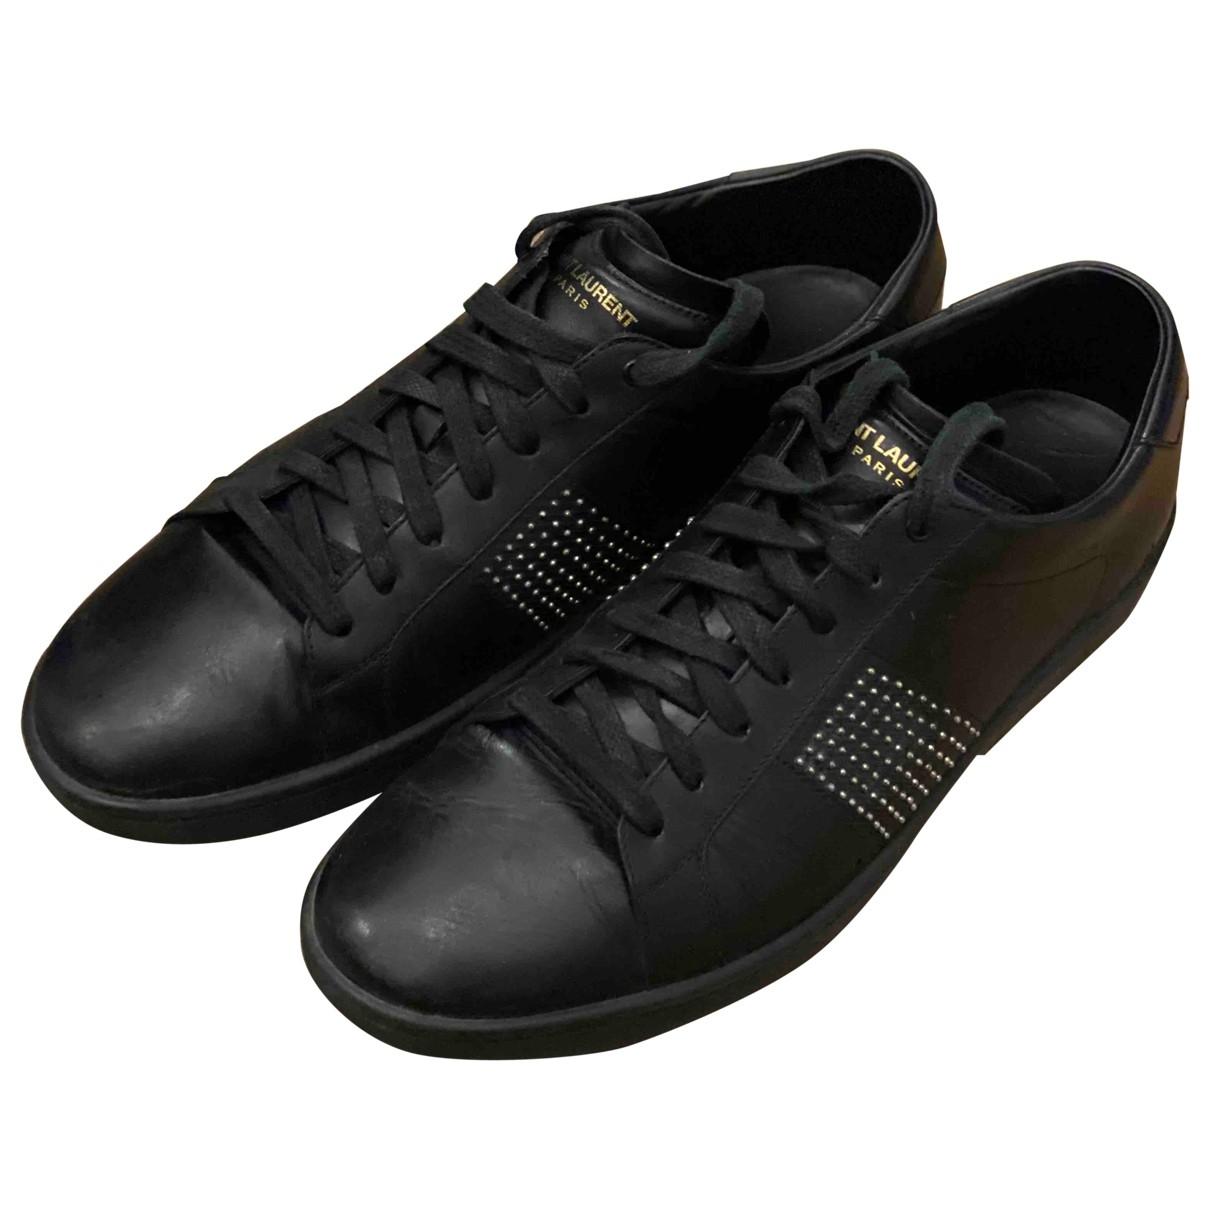 Saint Laurent SL/01 Black Leather Trainers for Men 44 EU